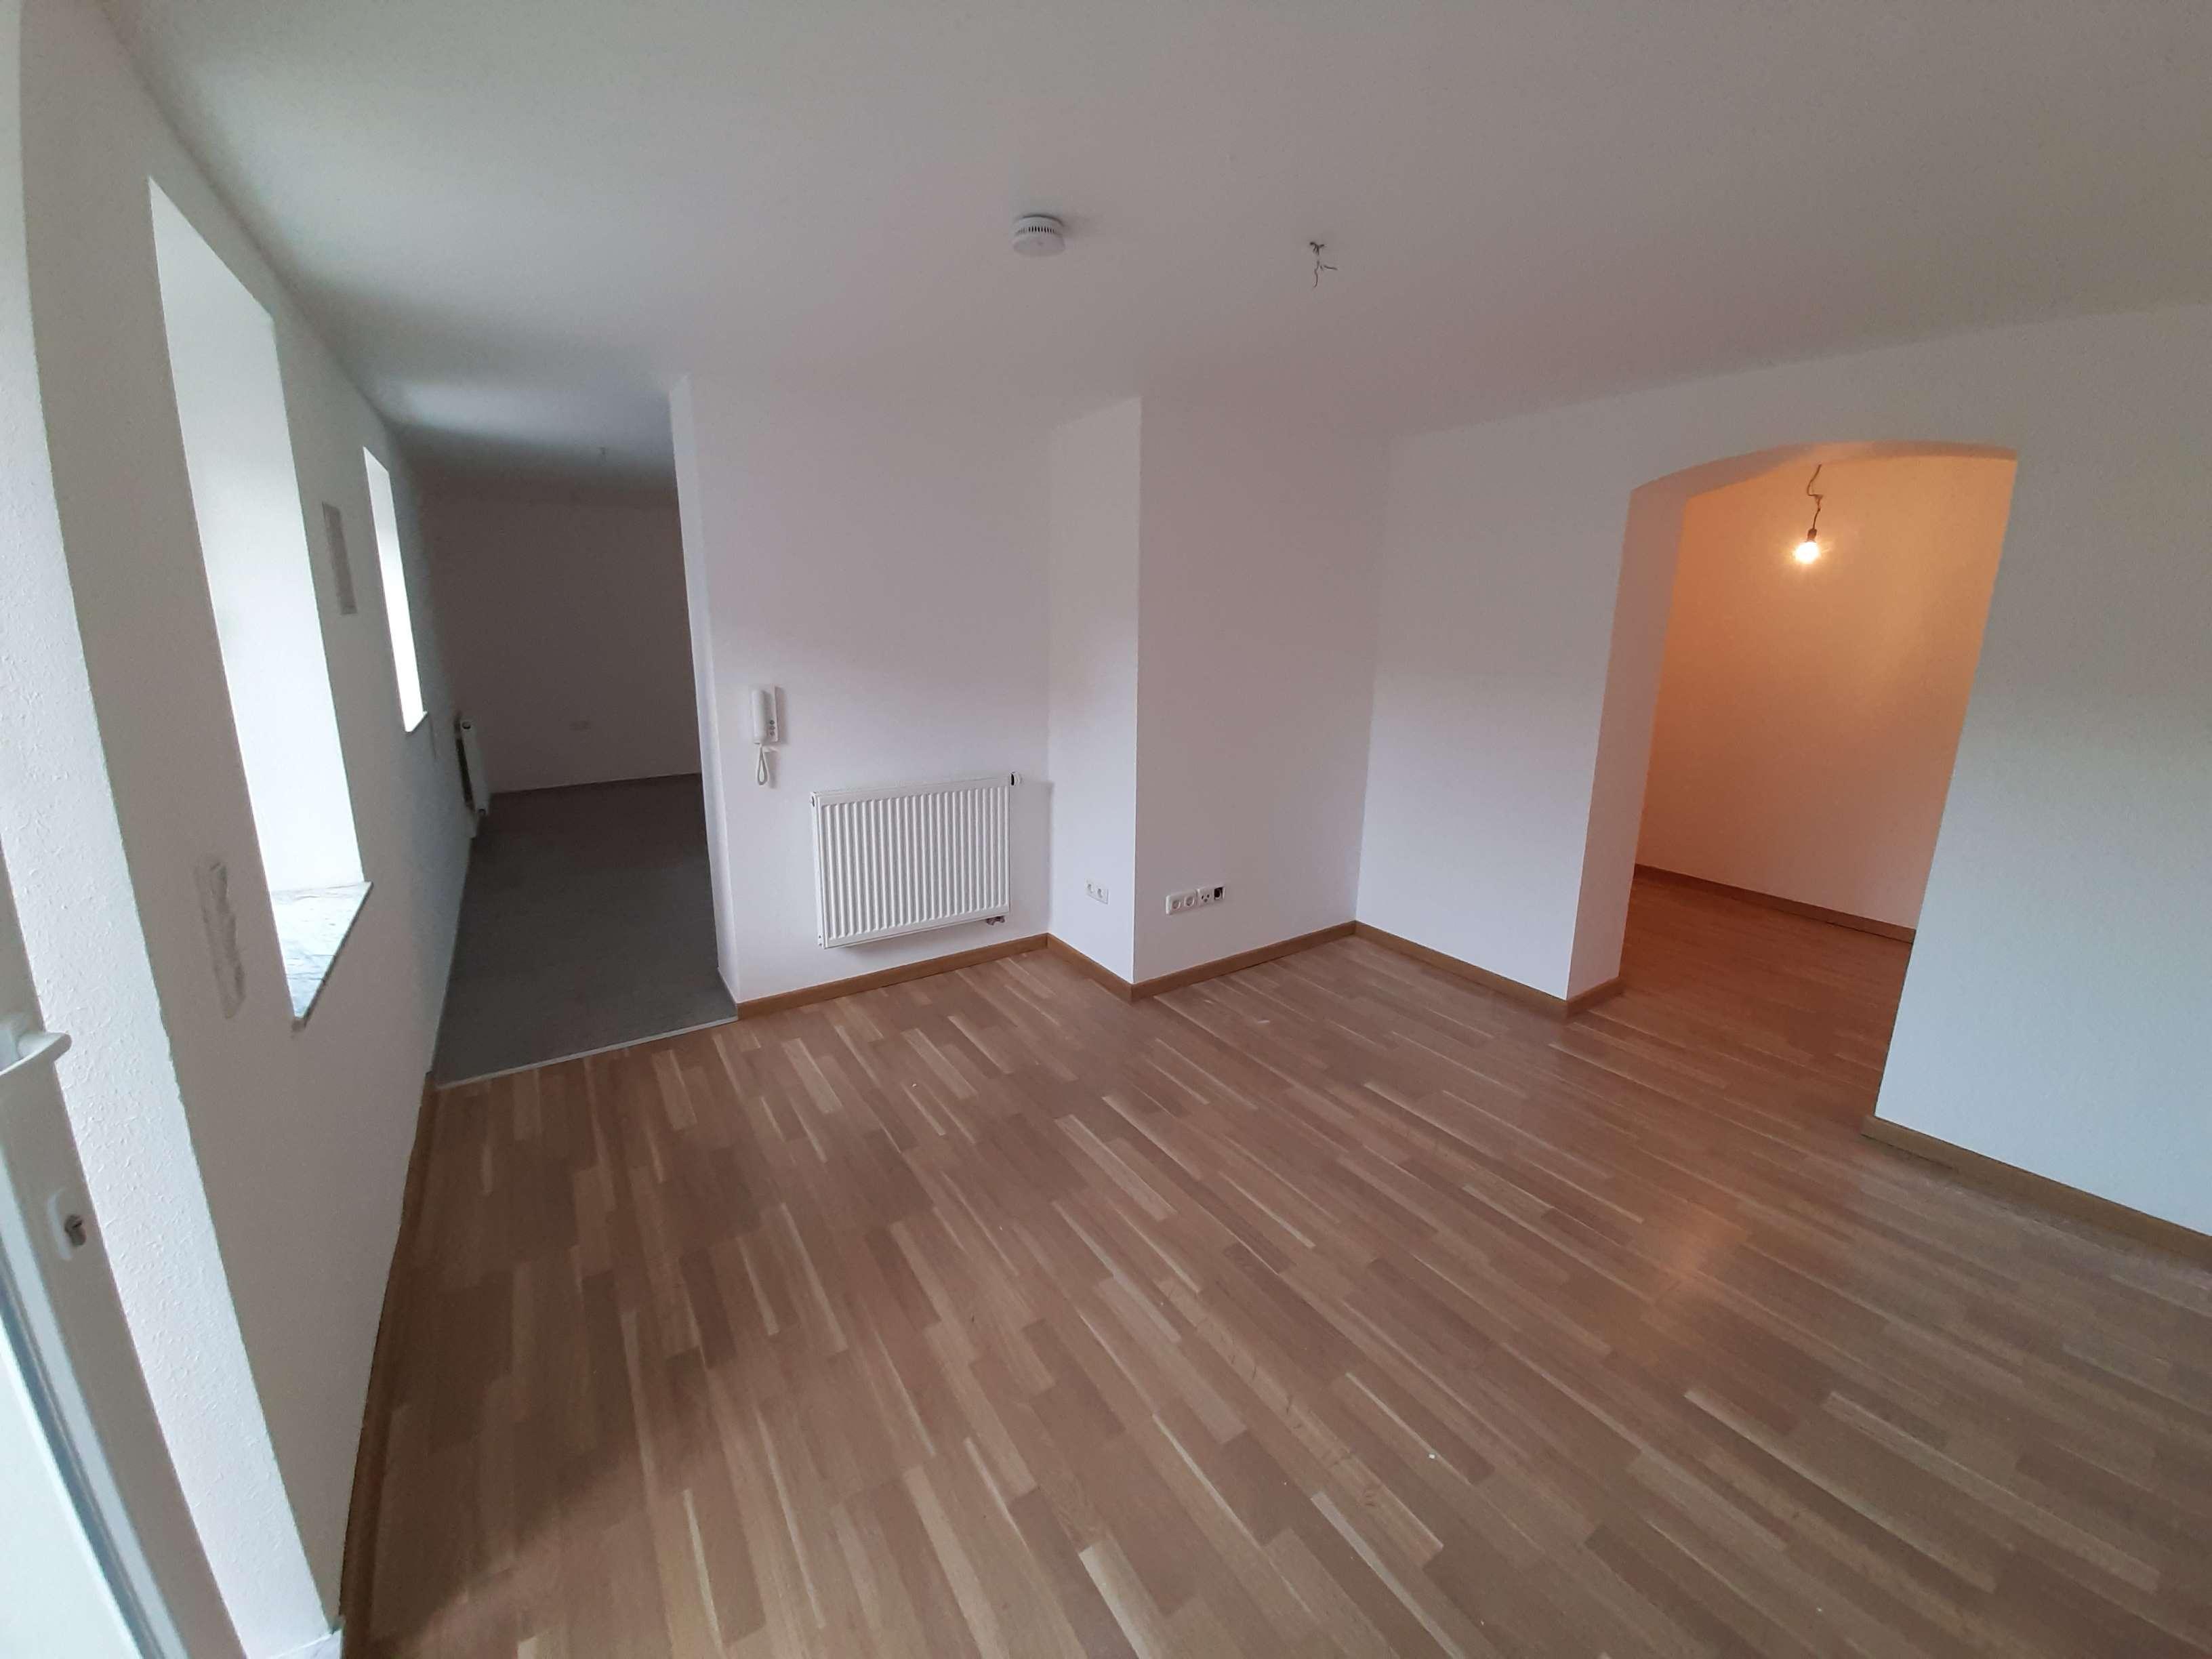 Homeoffice in Kürnach / kleine Wohnung  in